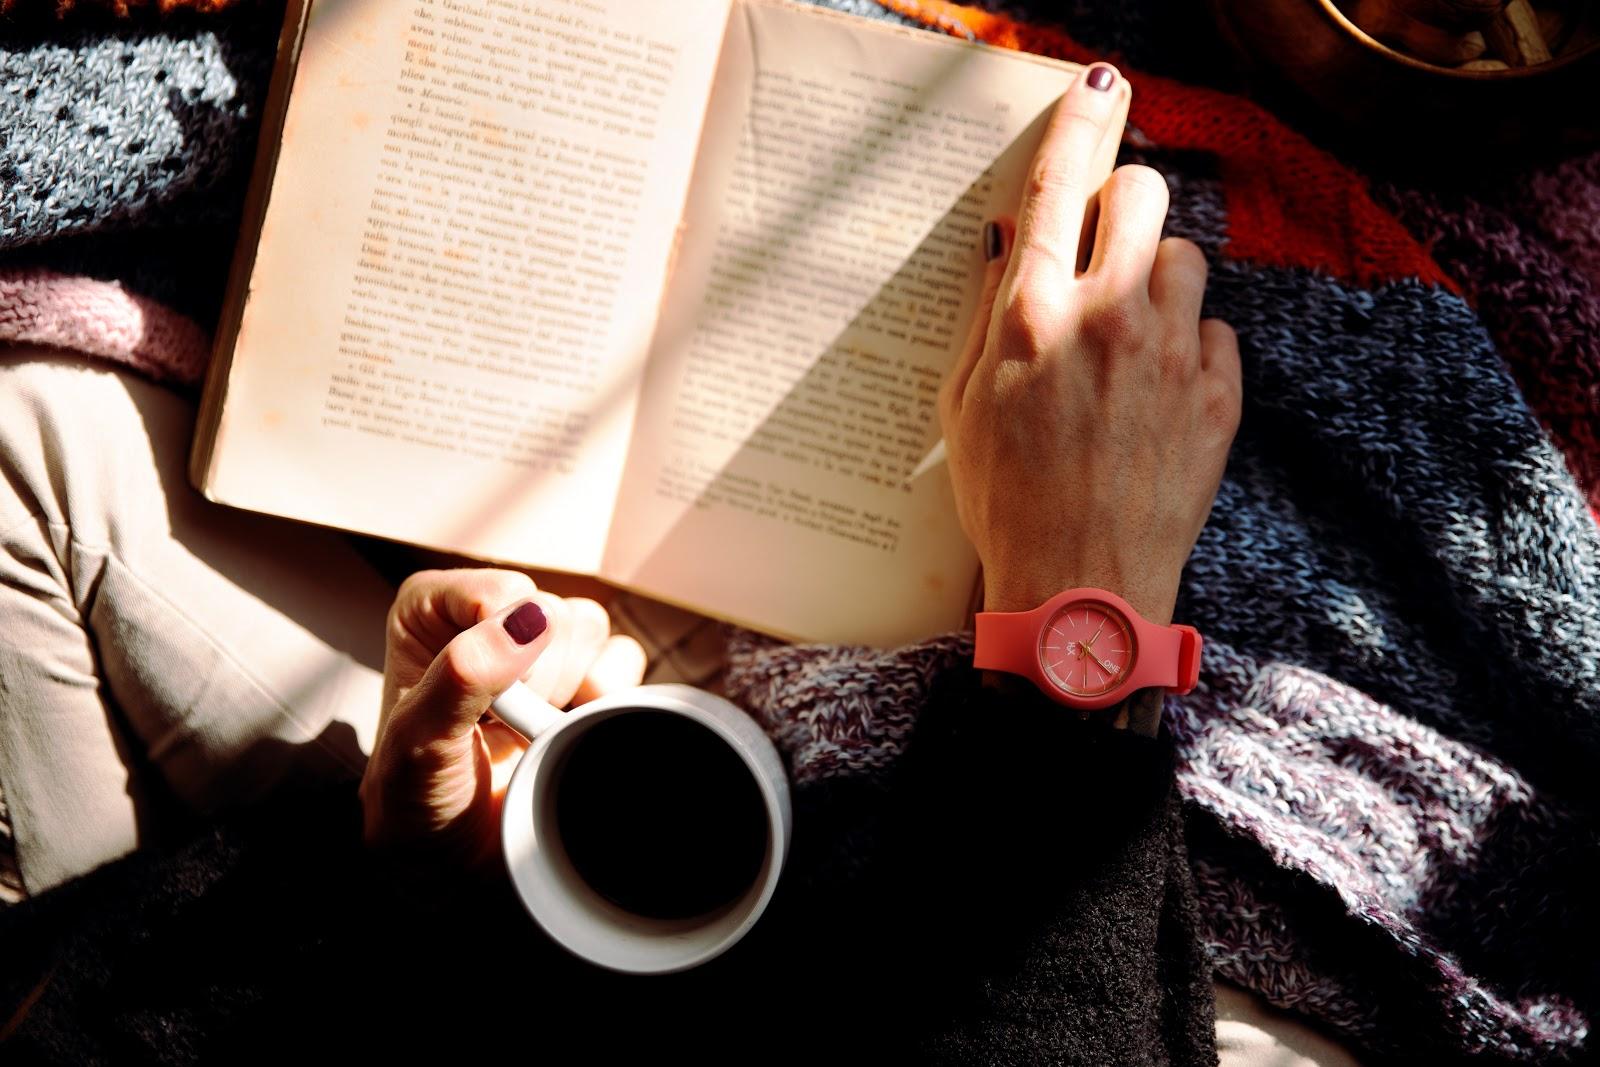 Lendo livro relax